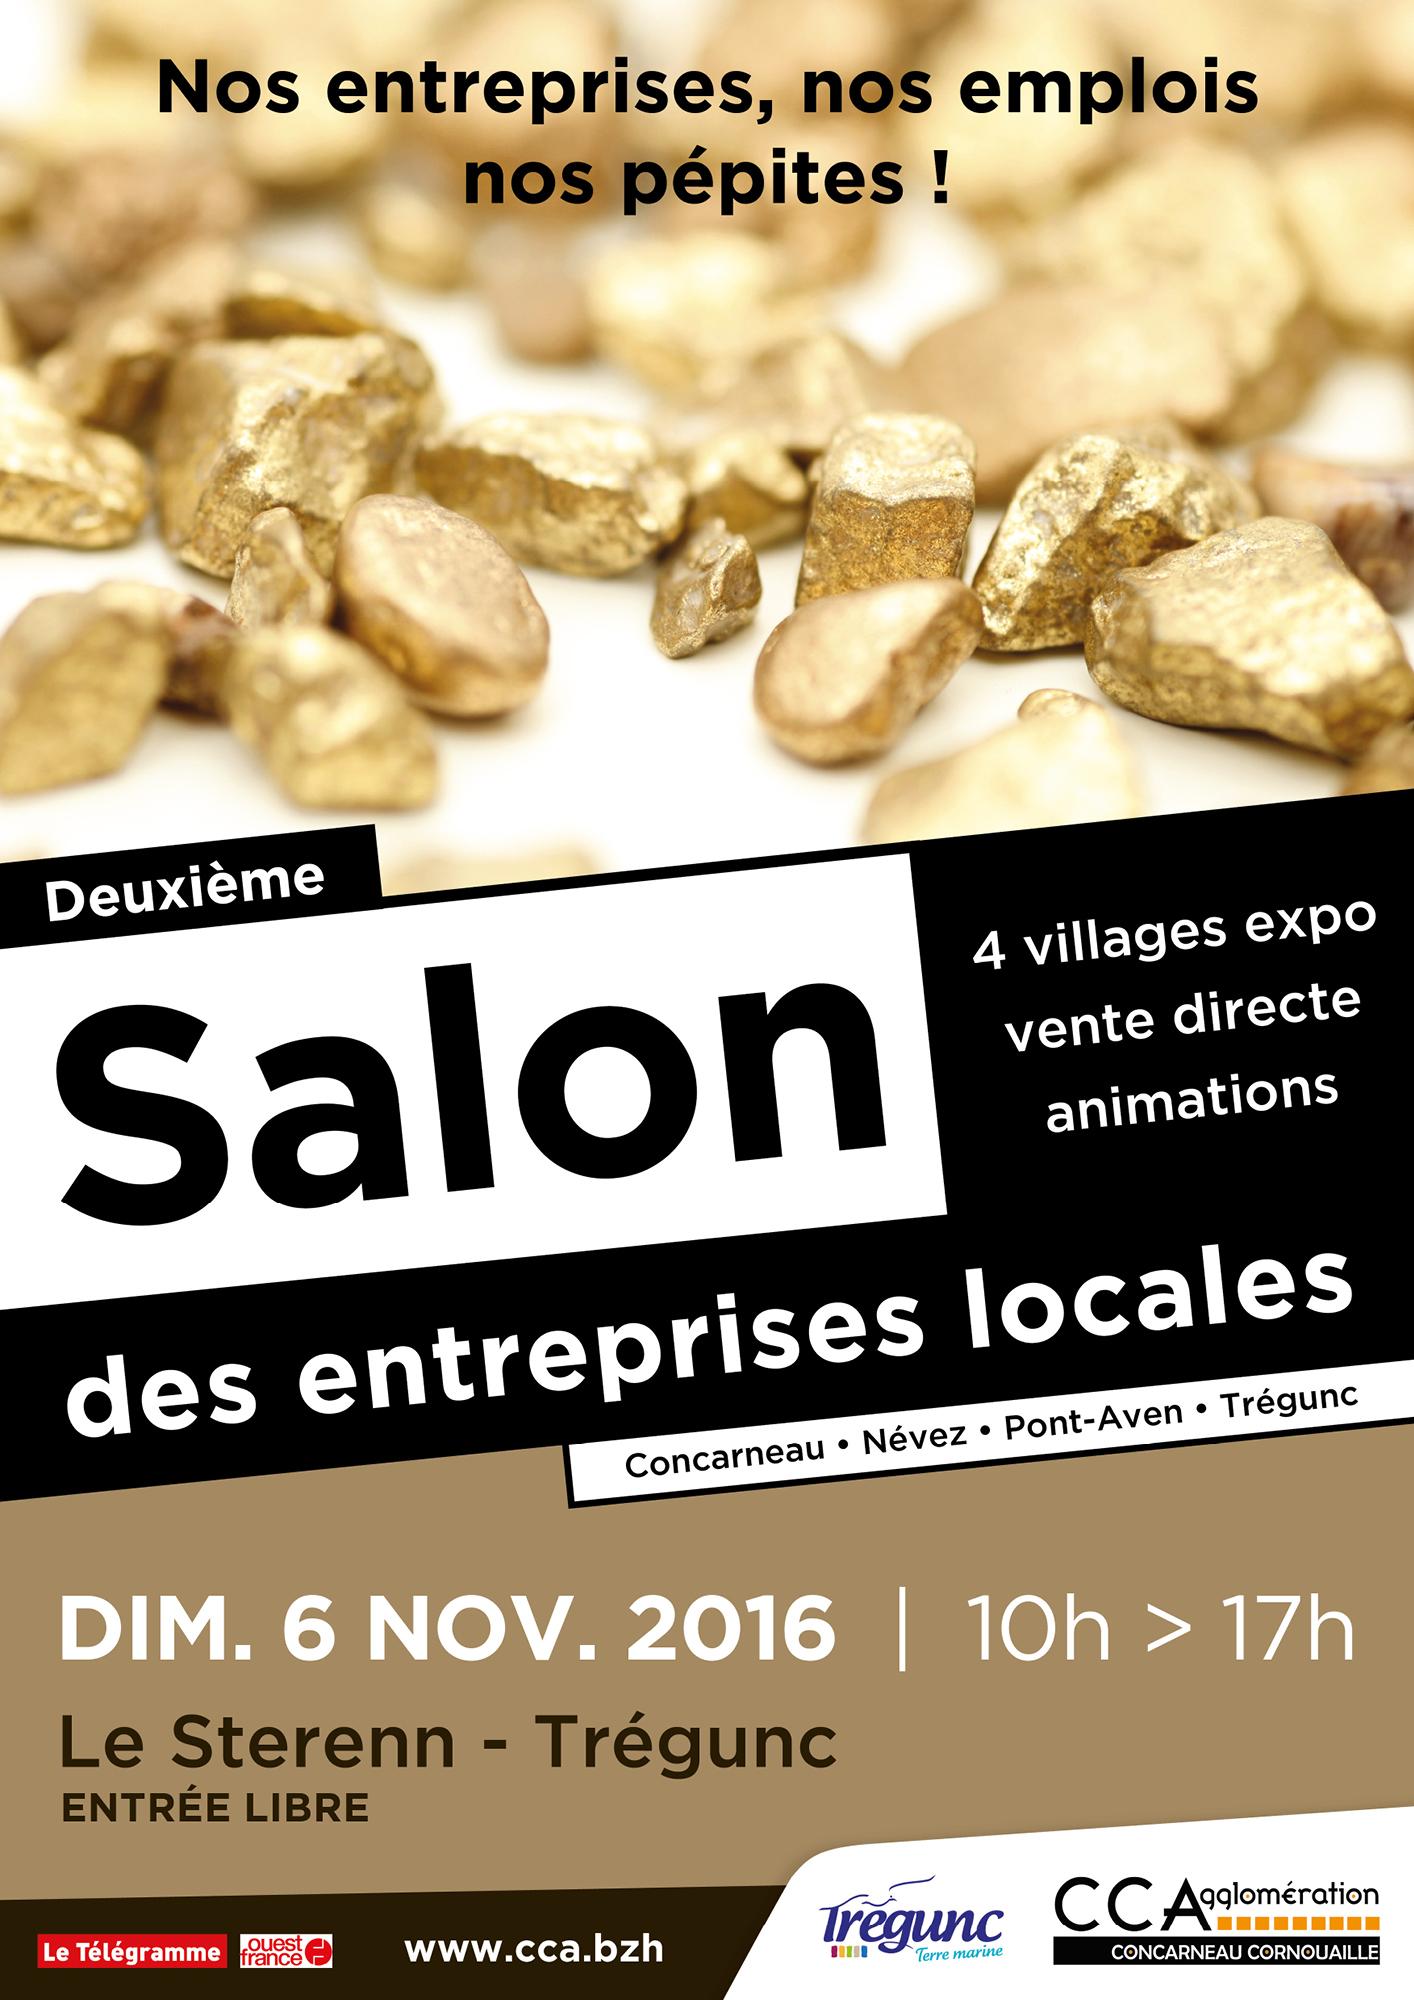 Forum assises des entreprises 5 6 nov 2016 tr gunc for Salon entreprise